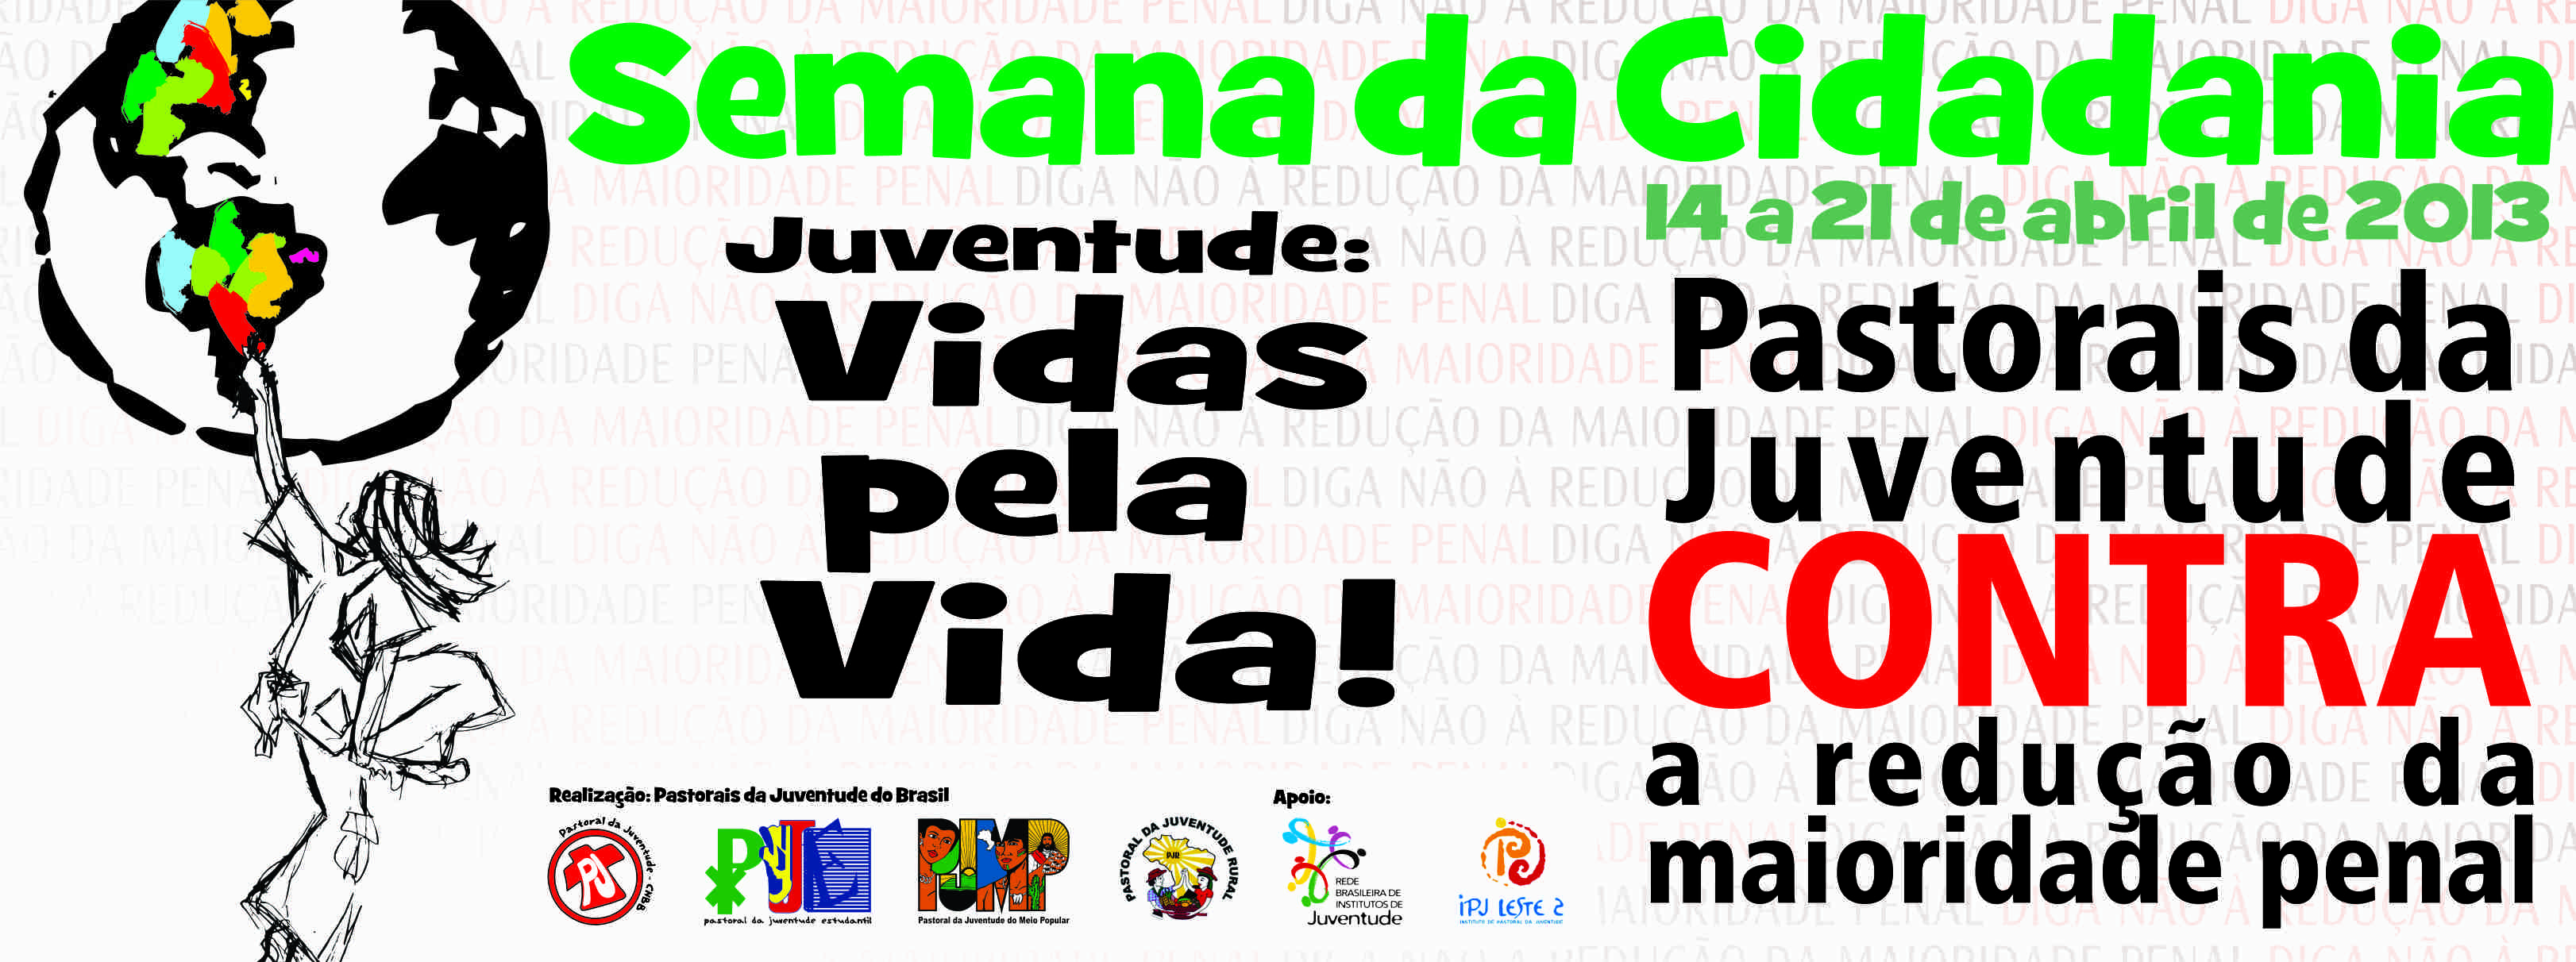 Pastorais da Juventude lançam cartaz e subsídio para a Semana da Cidadania 2013